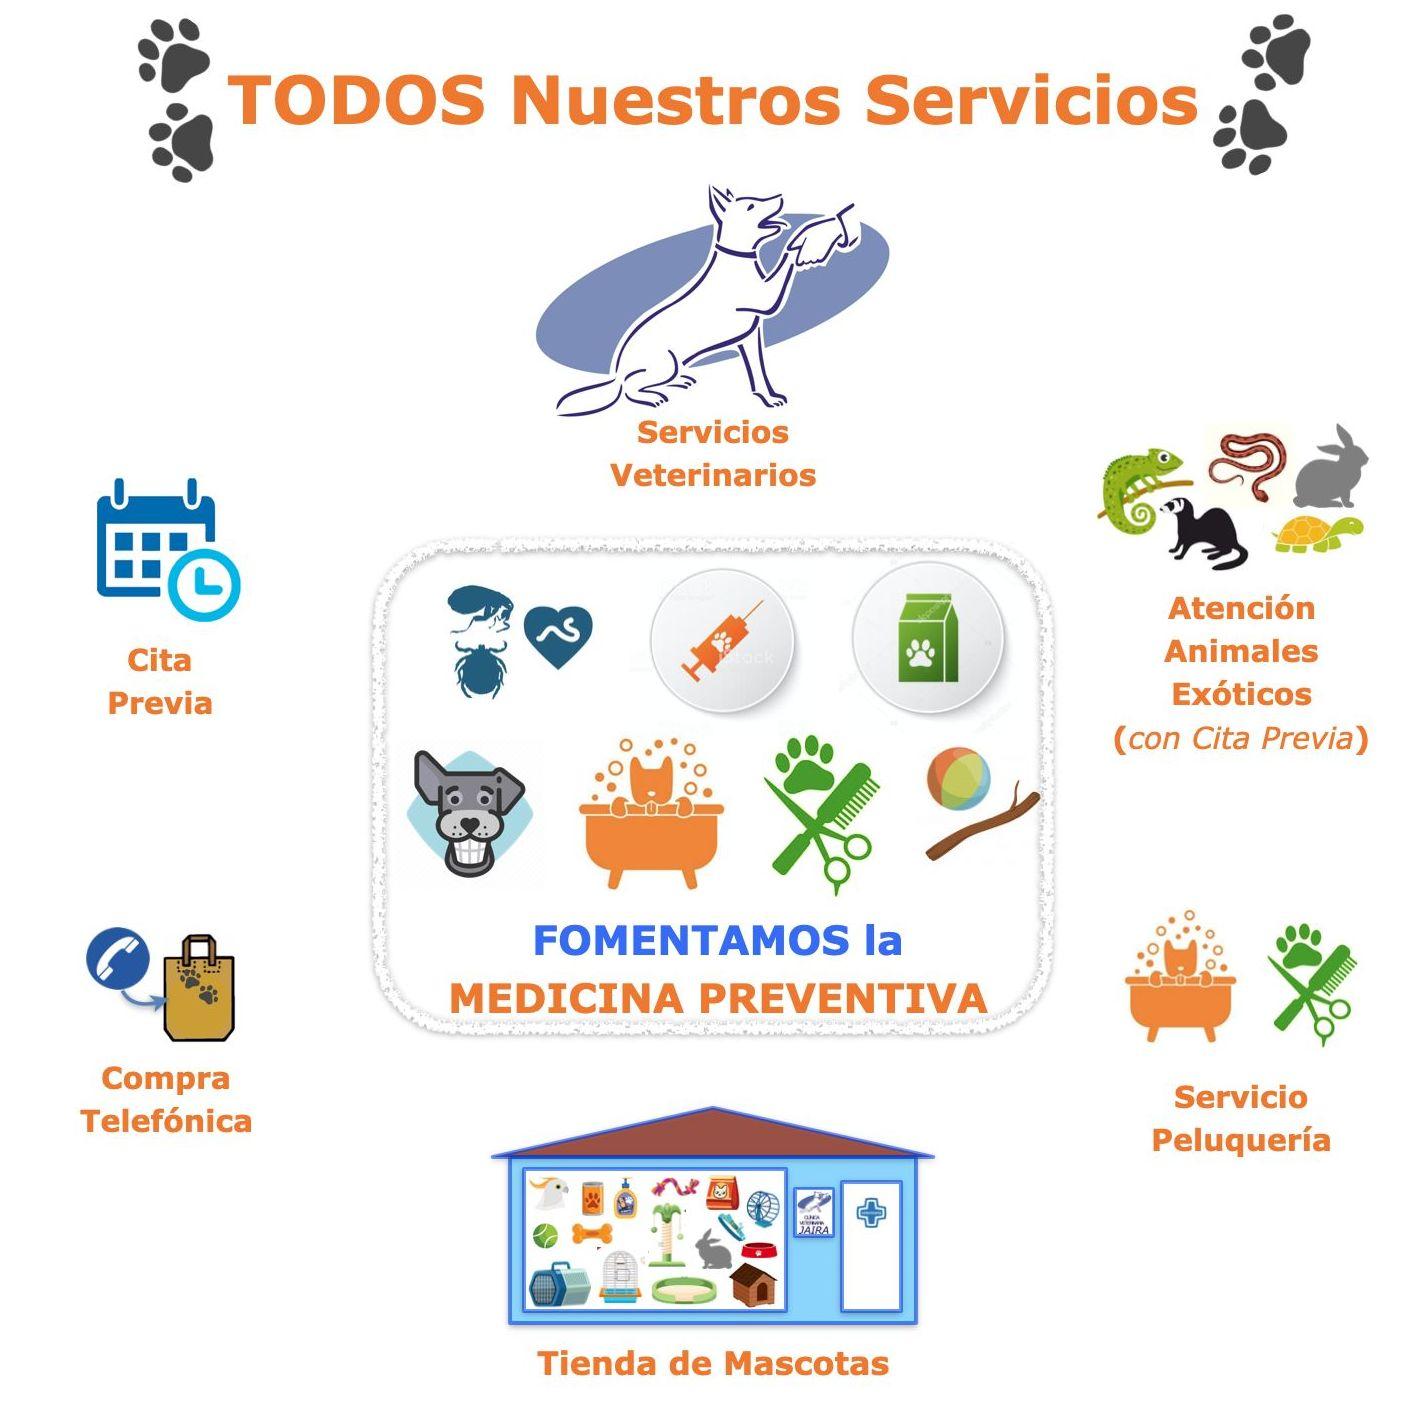 Todos Nuestros Servicios